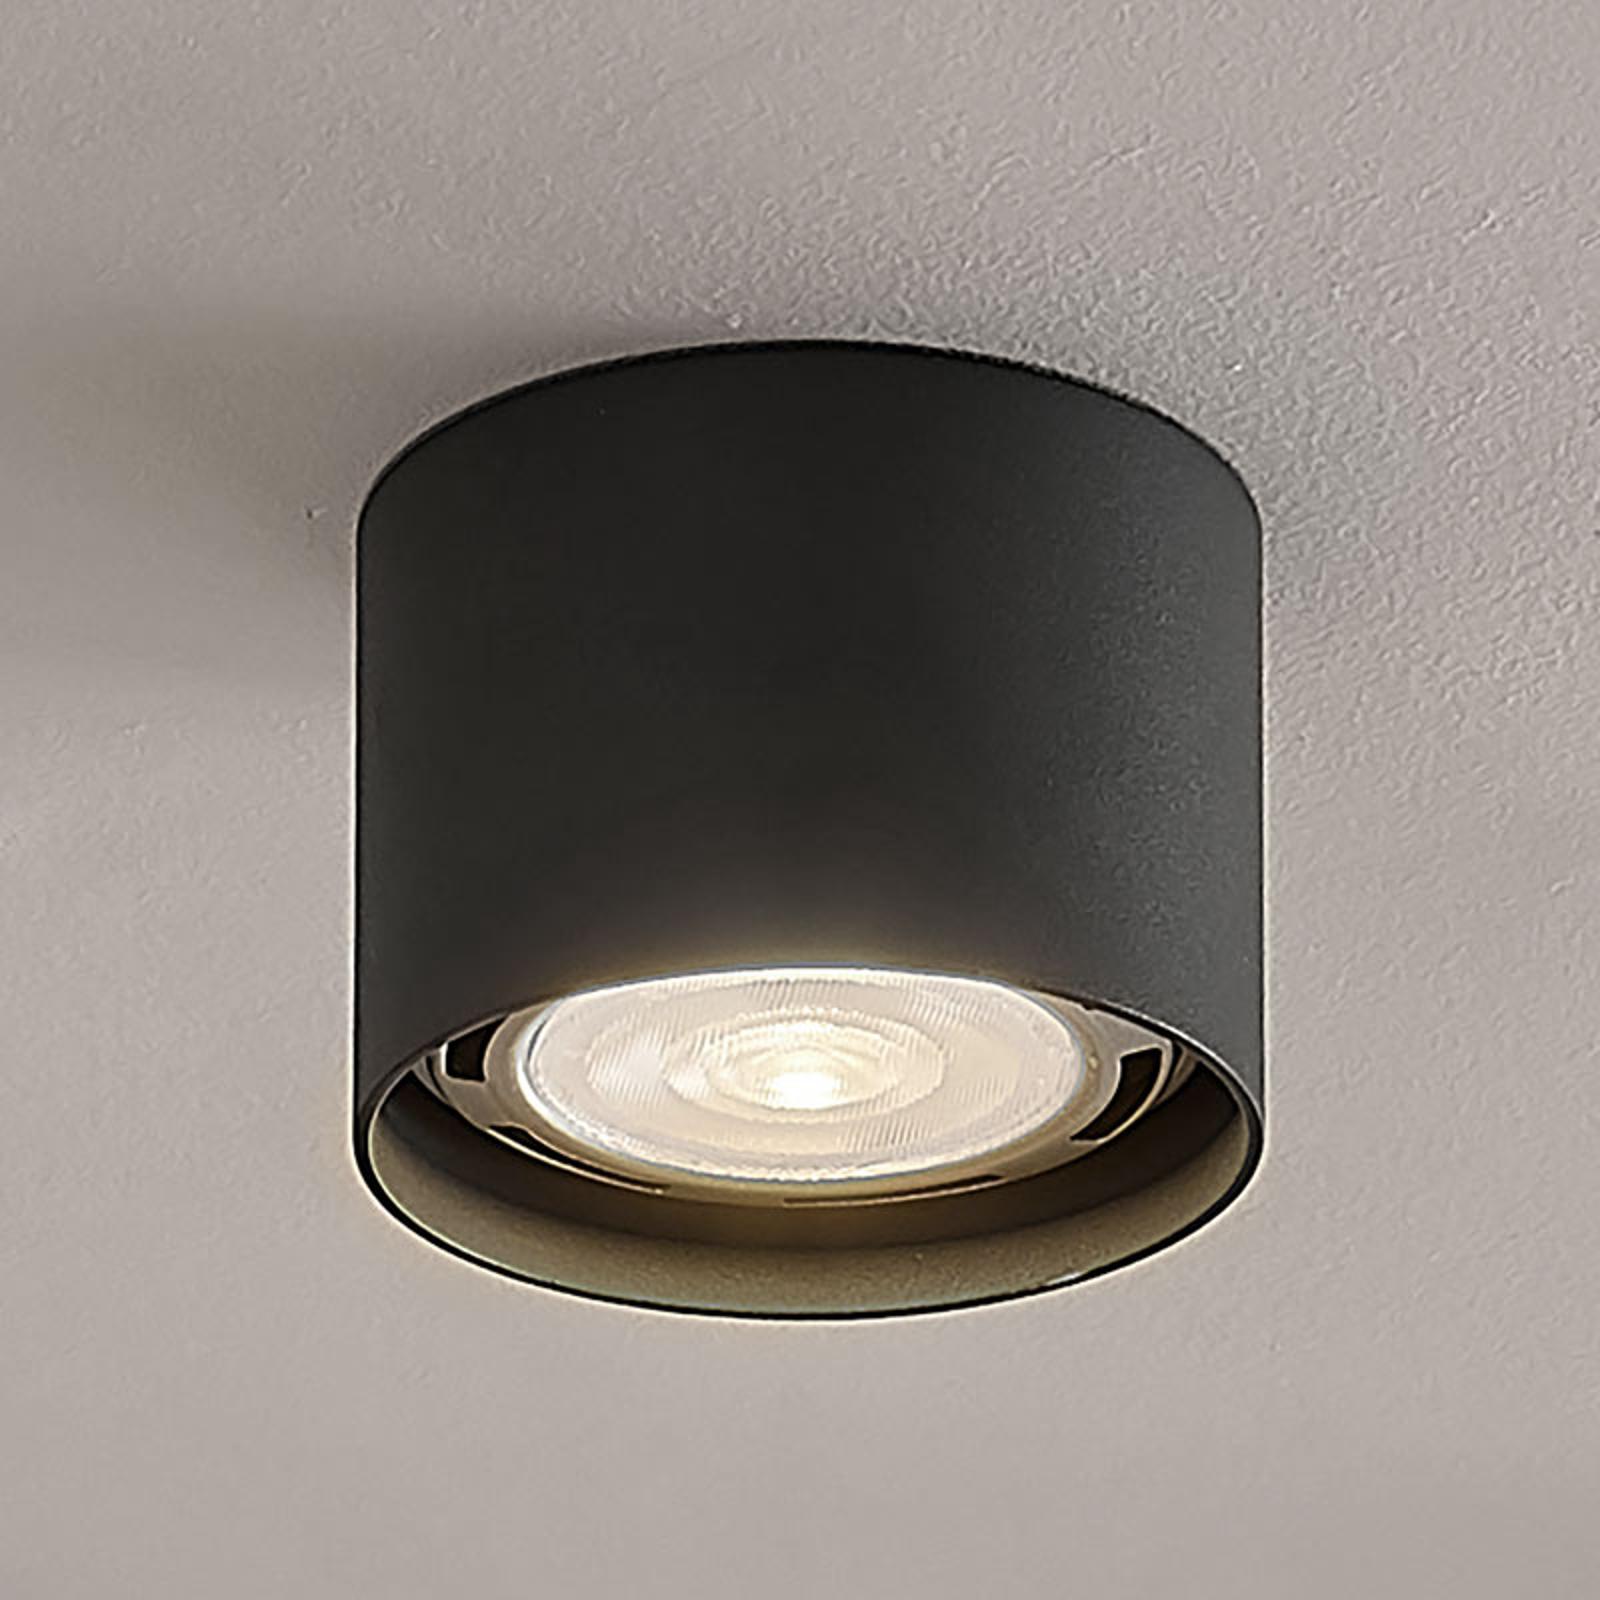 LED-takspotlight Mabel, rund, mörkgrå